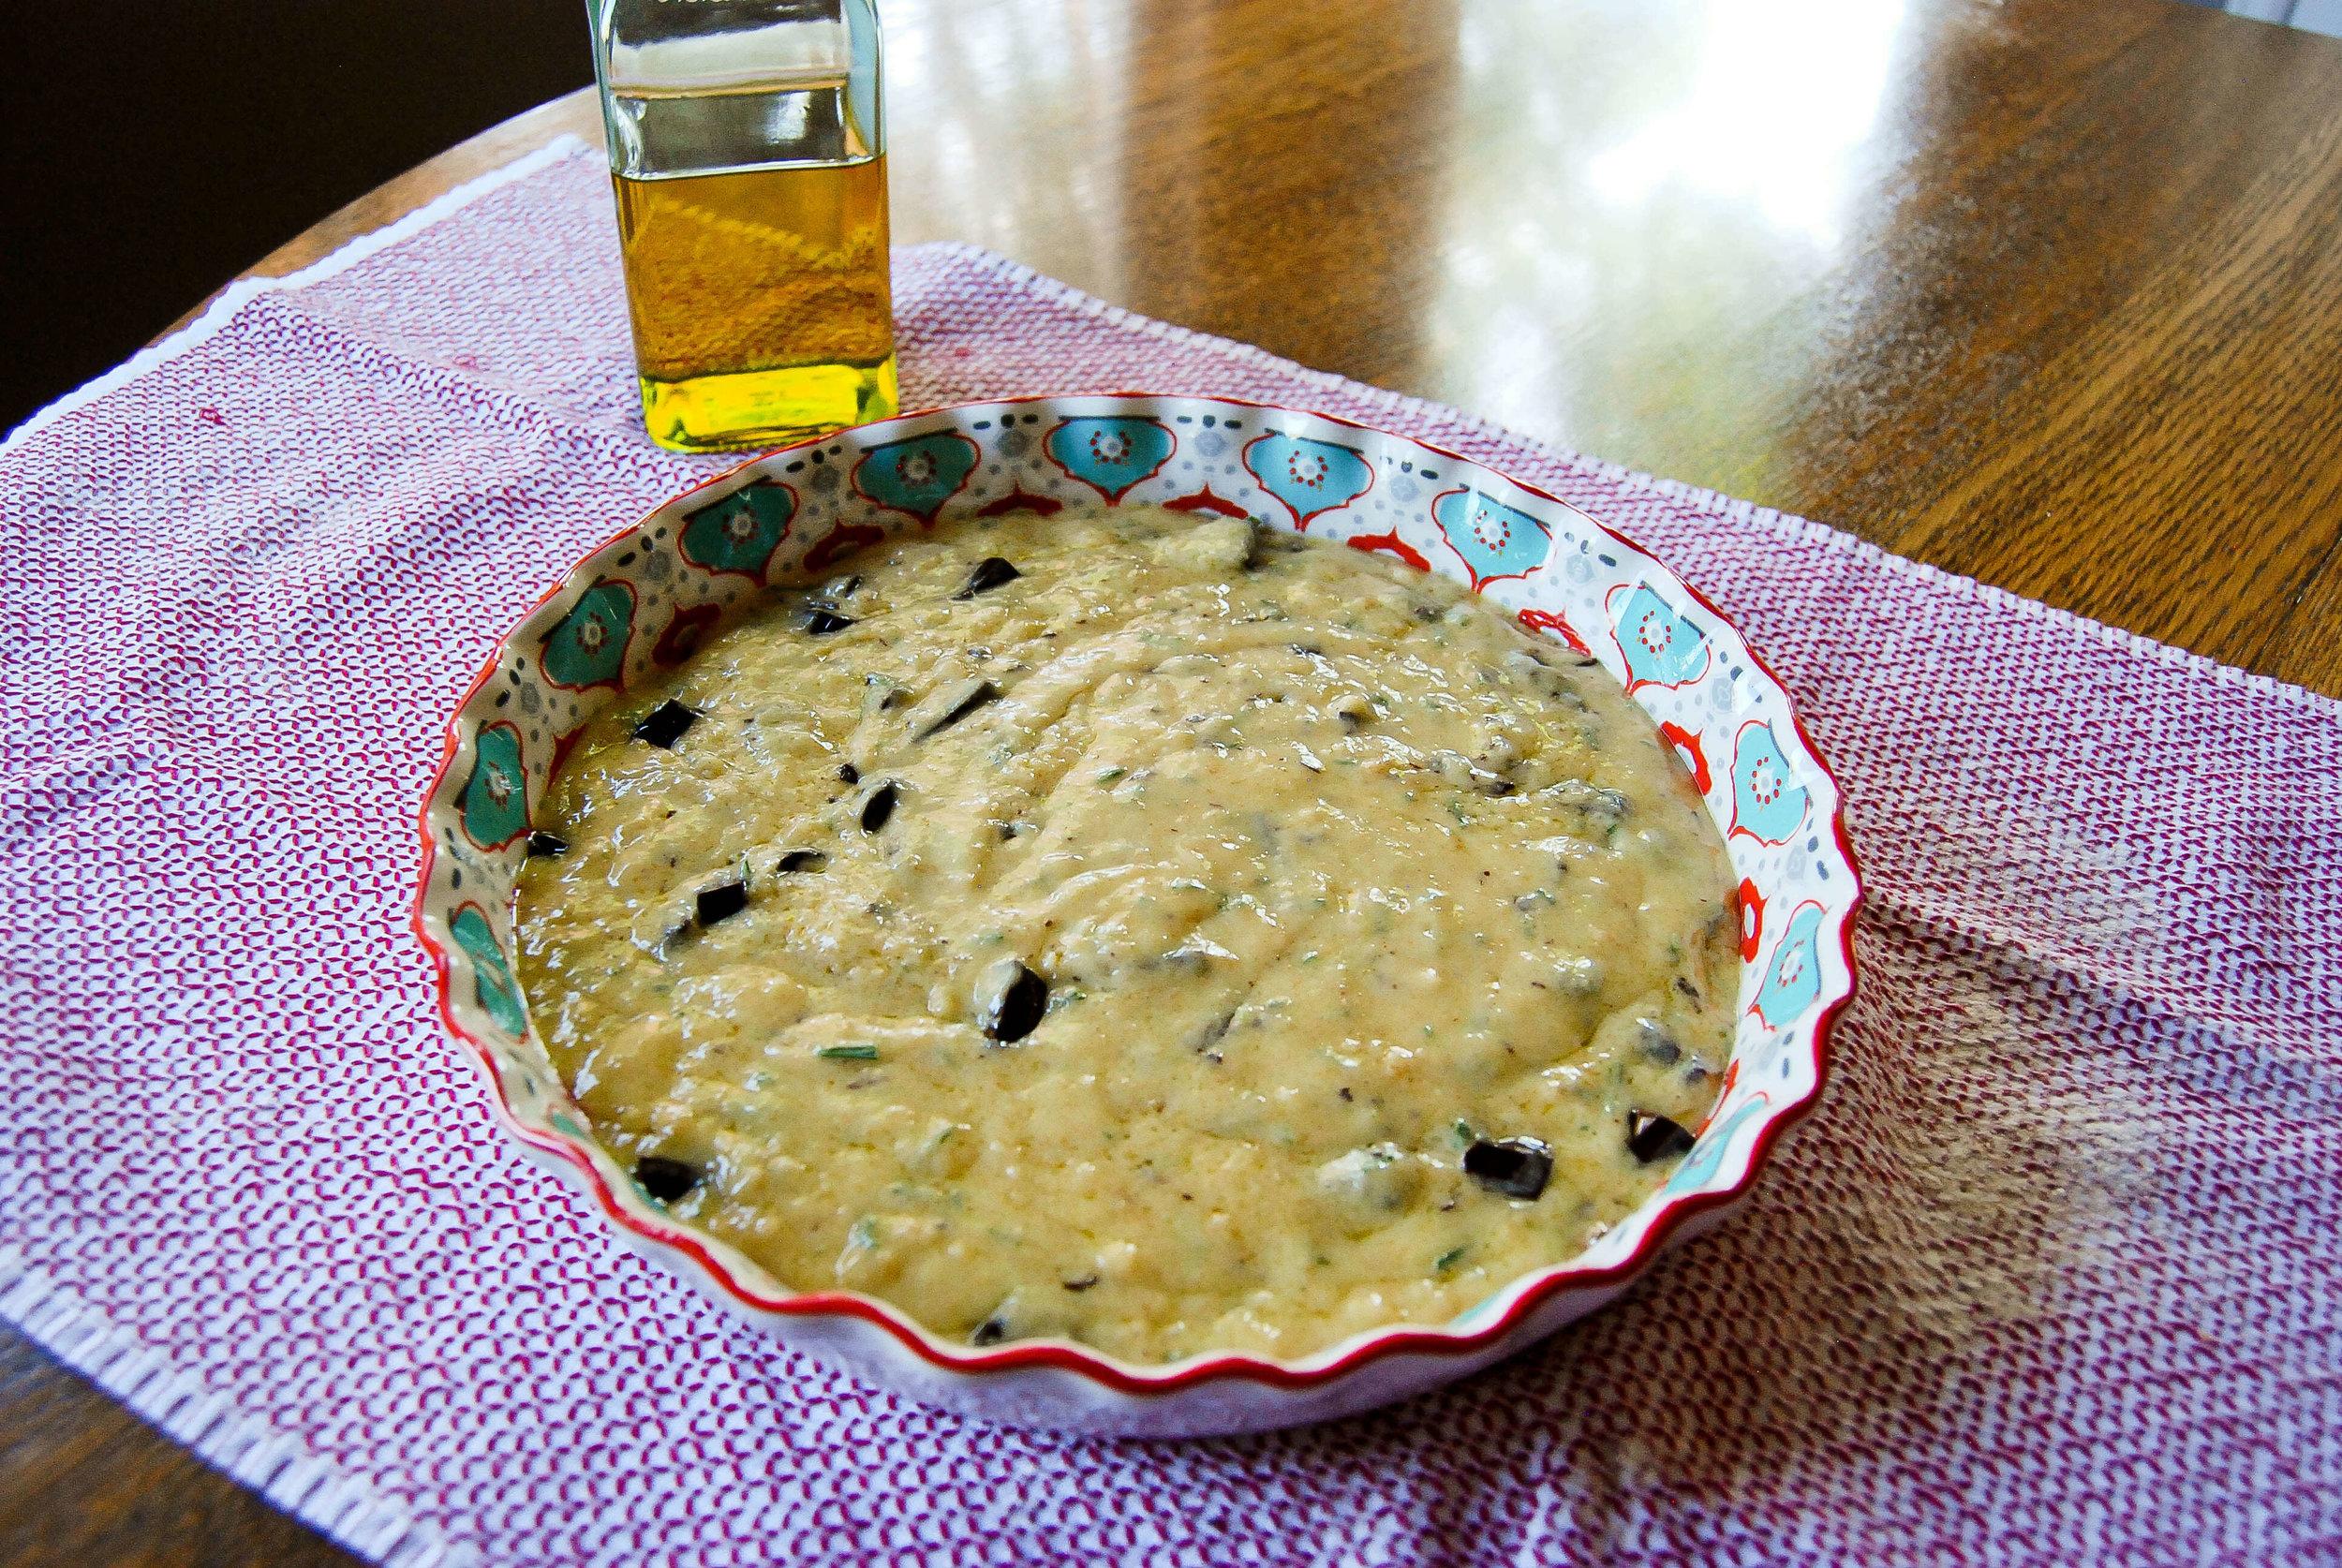 Olive Oil Cake - Pre Bake